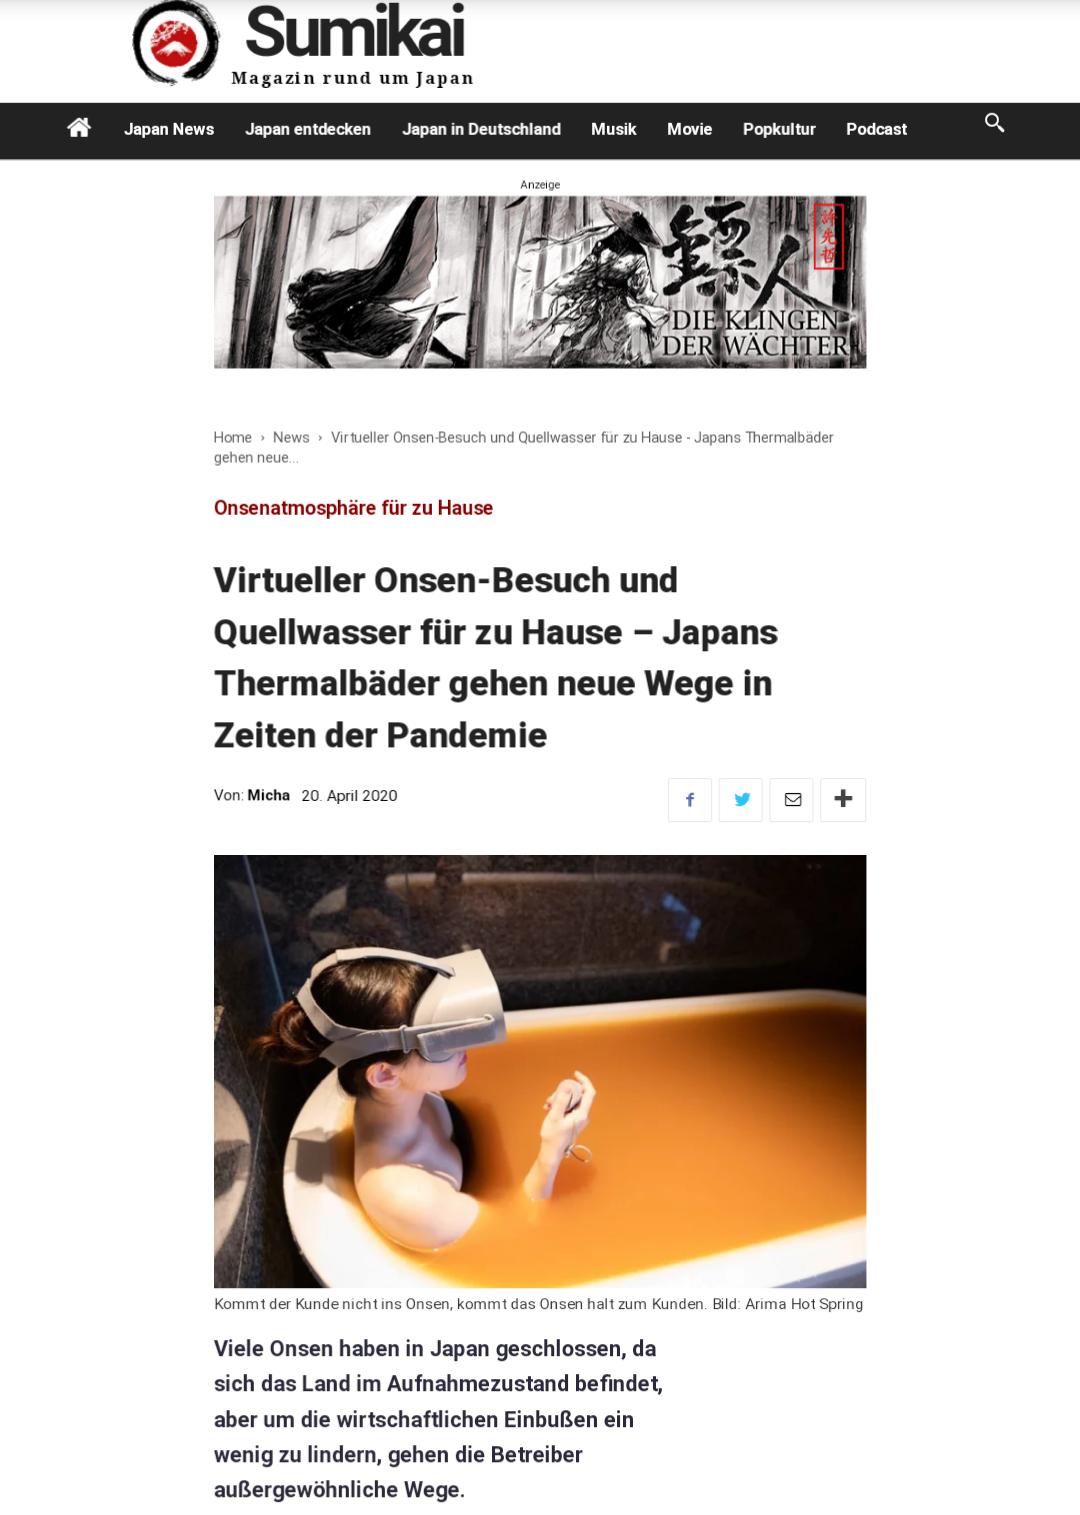 Sumikai Magazin rund um Japan(20. April)